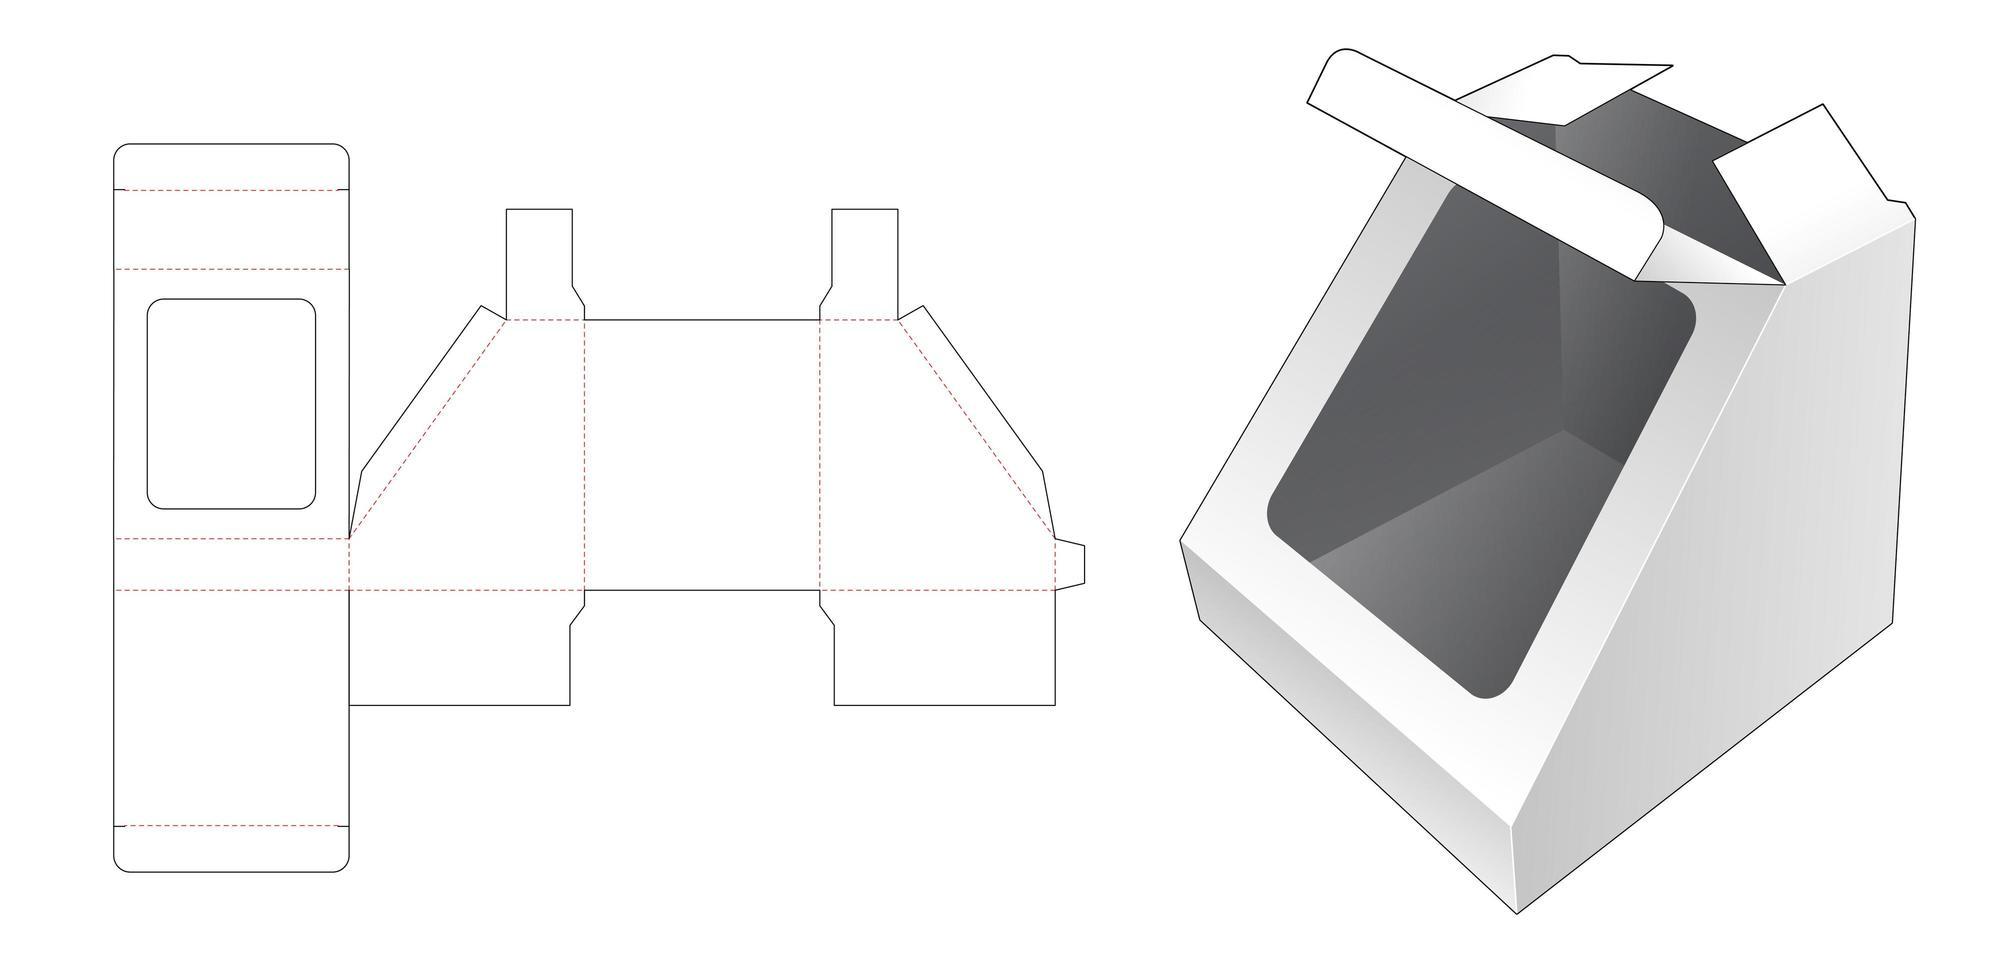 driehoekige speelgoedkist met venster vector